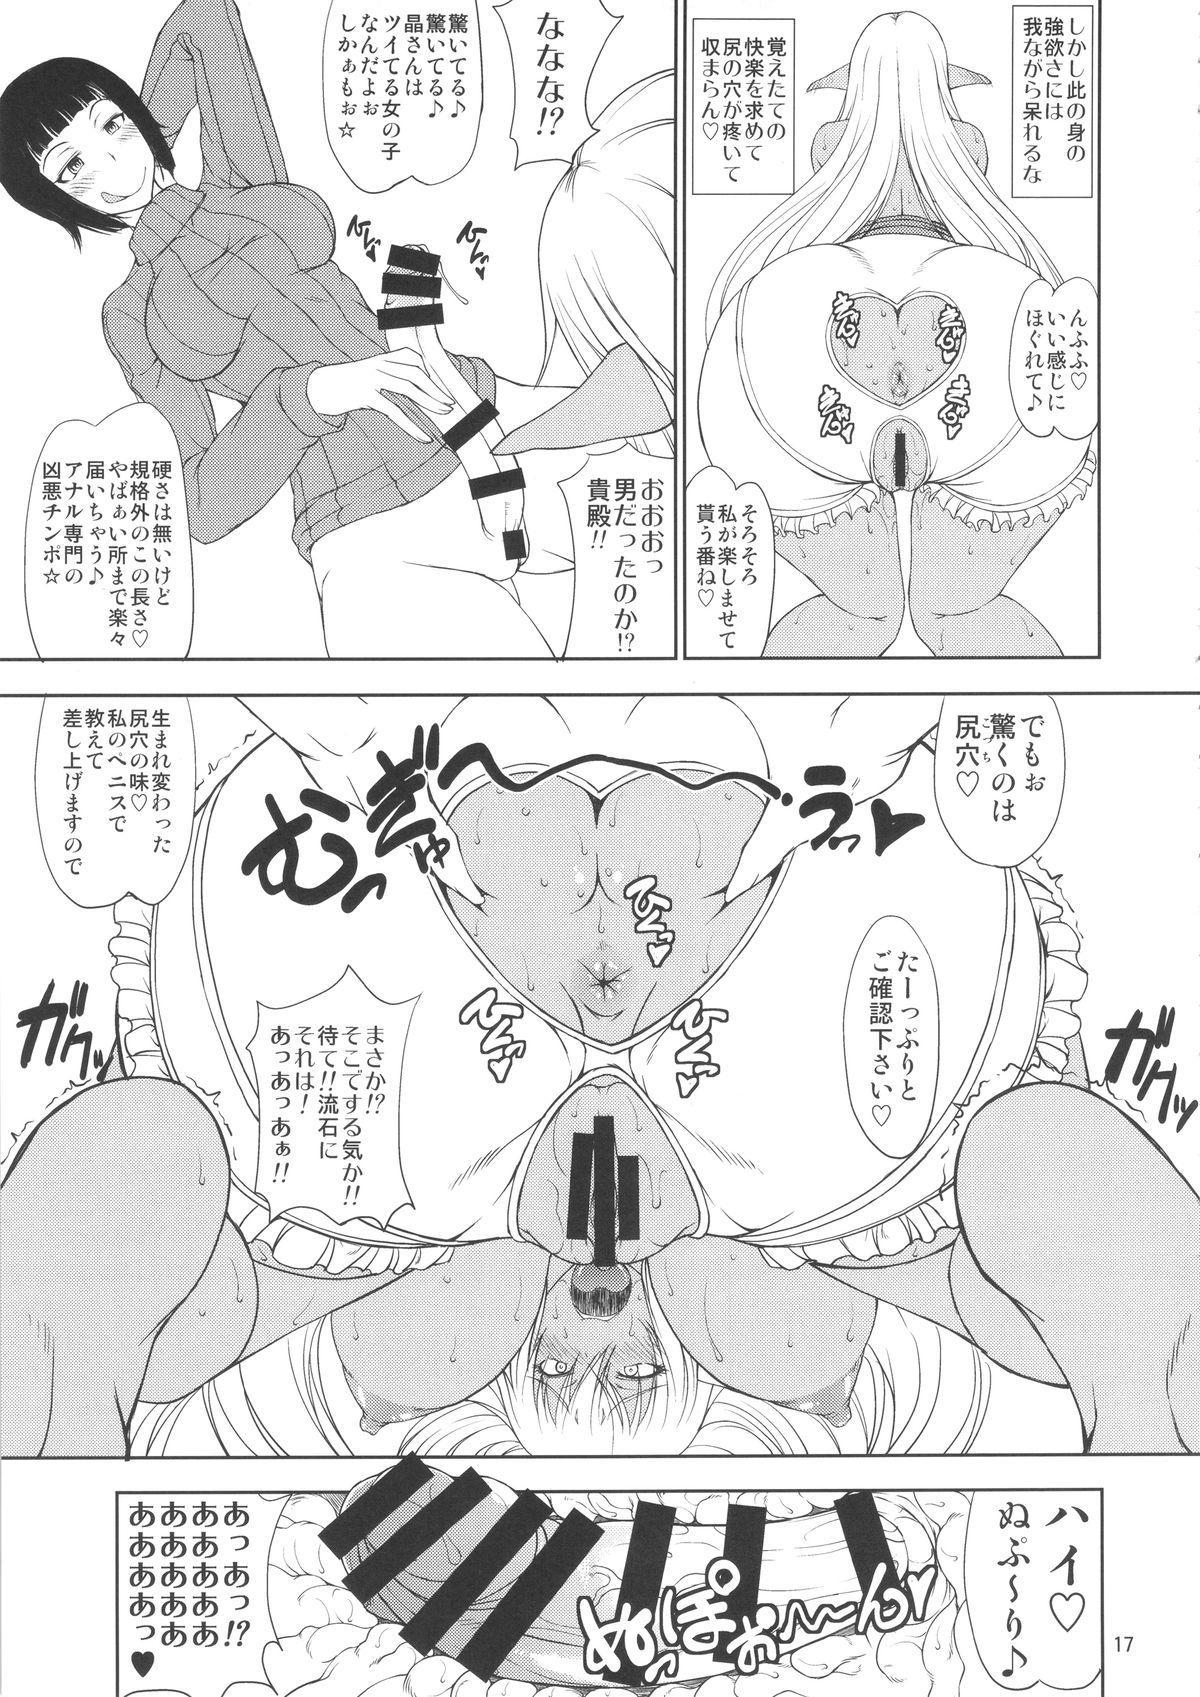 Ka no Kuni nite Kuruizaku Fushou no Konomi ni... 15